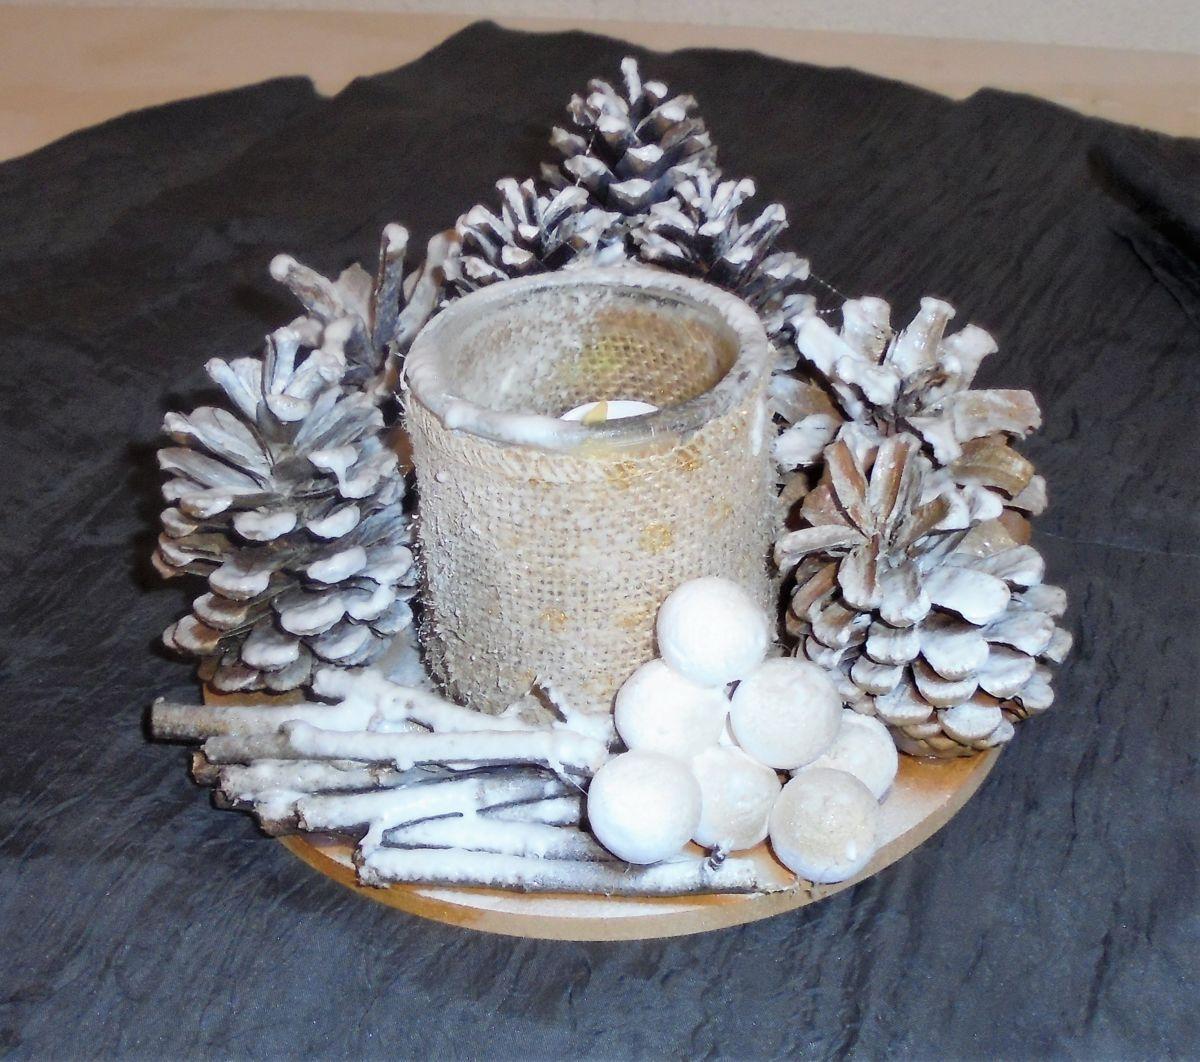 Bouquet De Noel Avec Du Houx centre de table noel rond (artisanat), 14x18x18 cm par